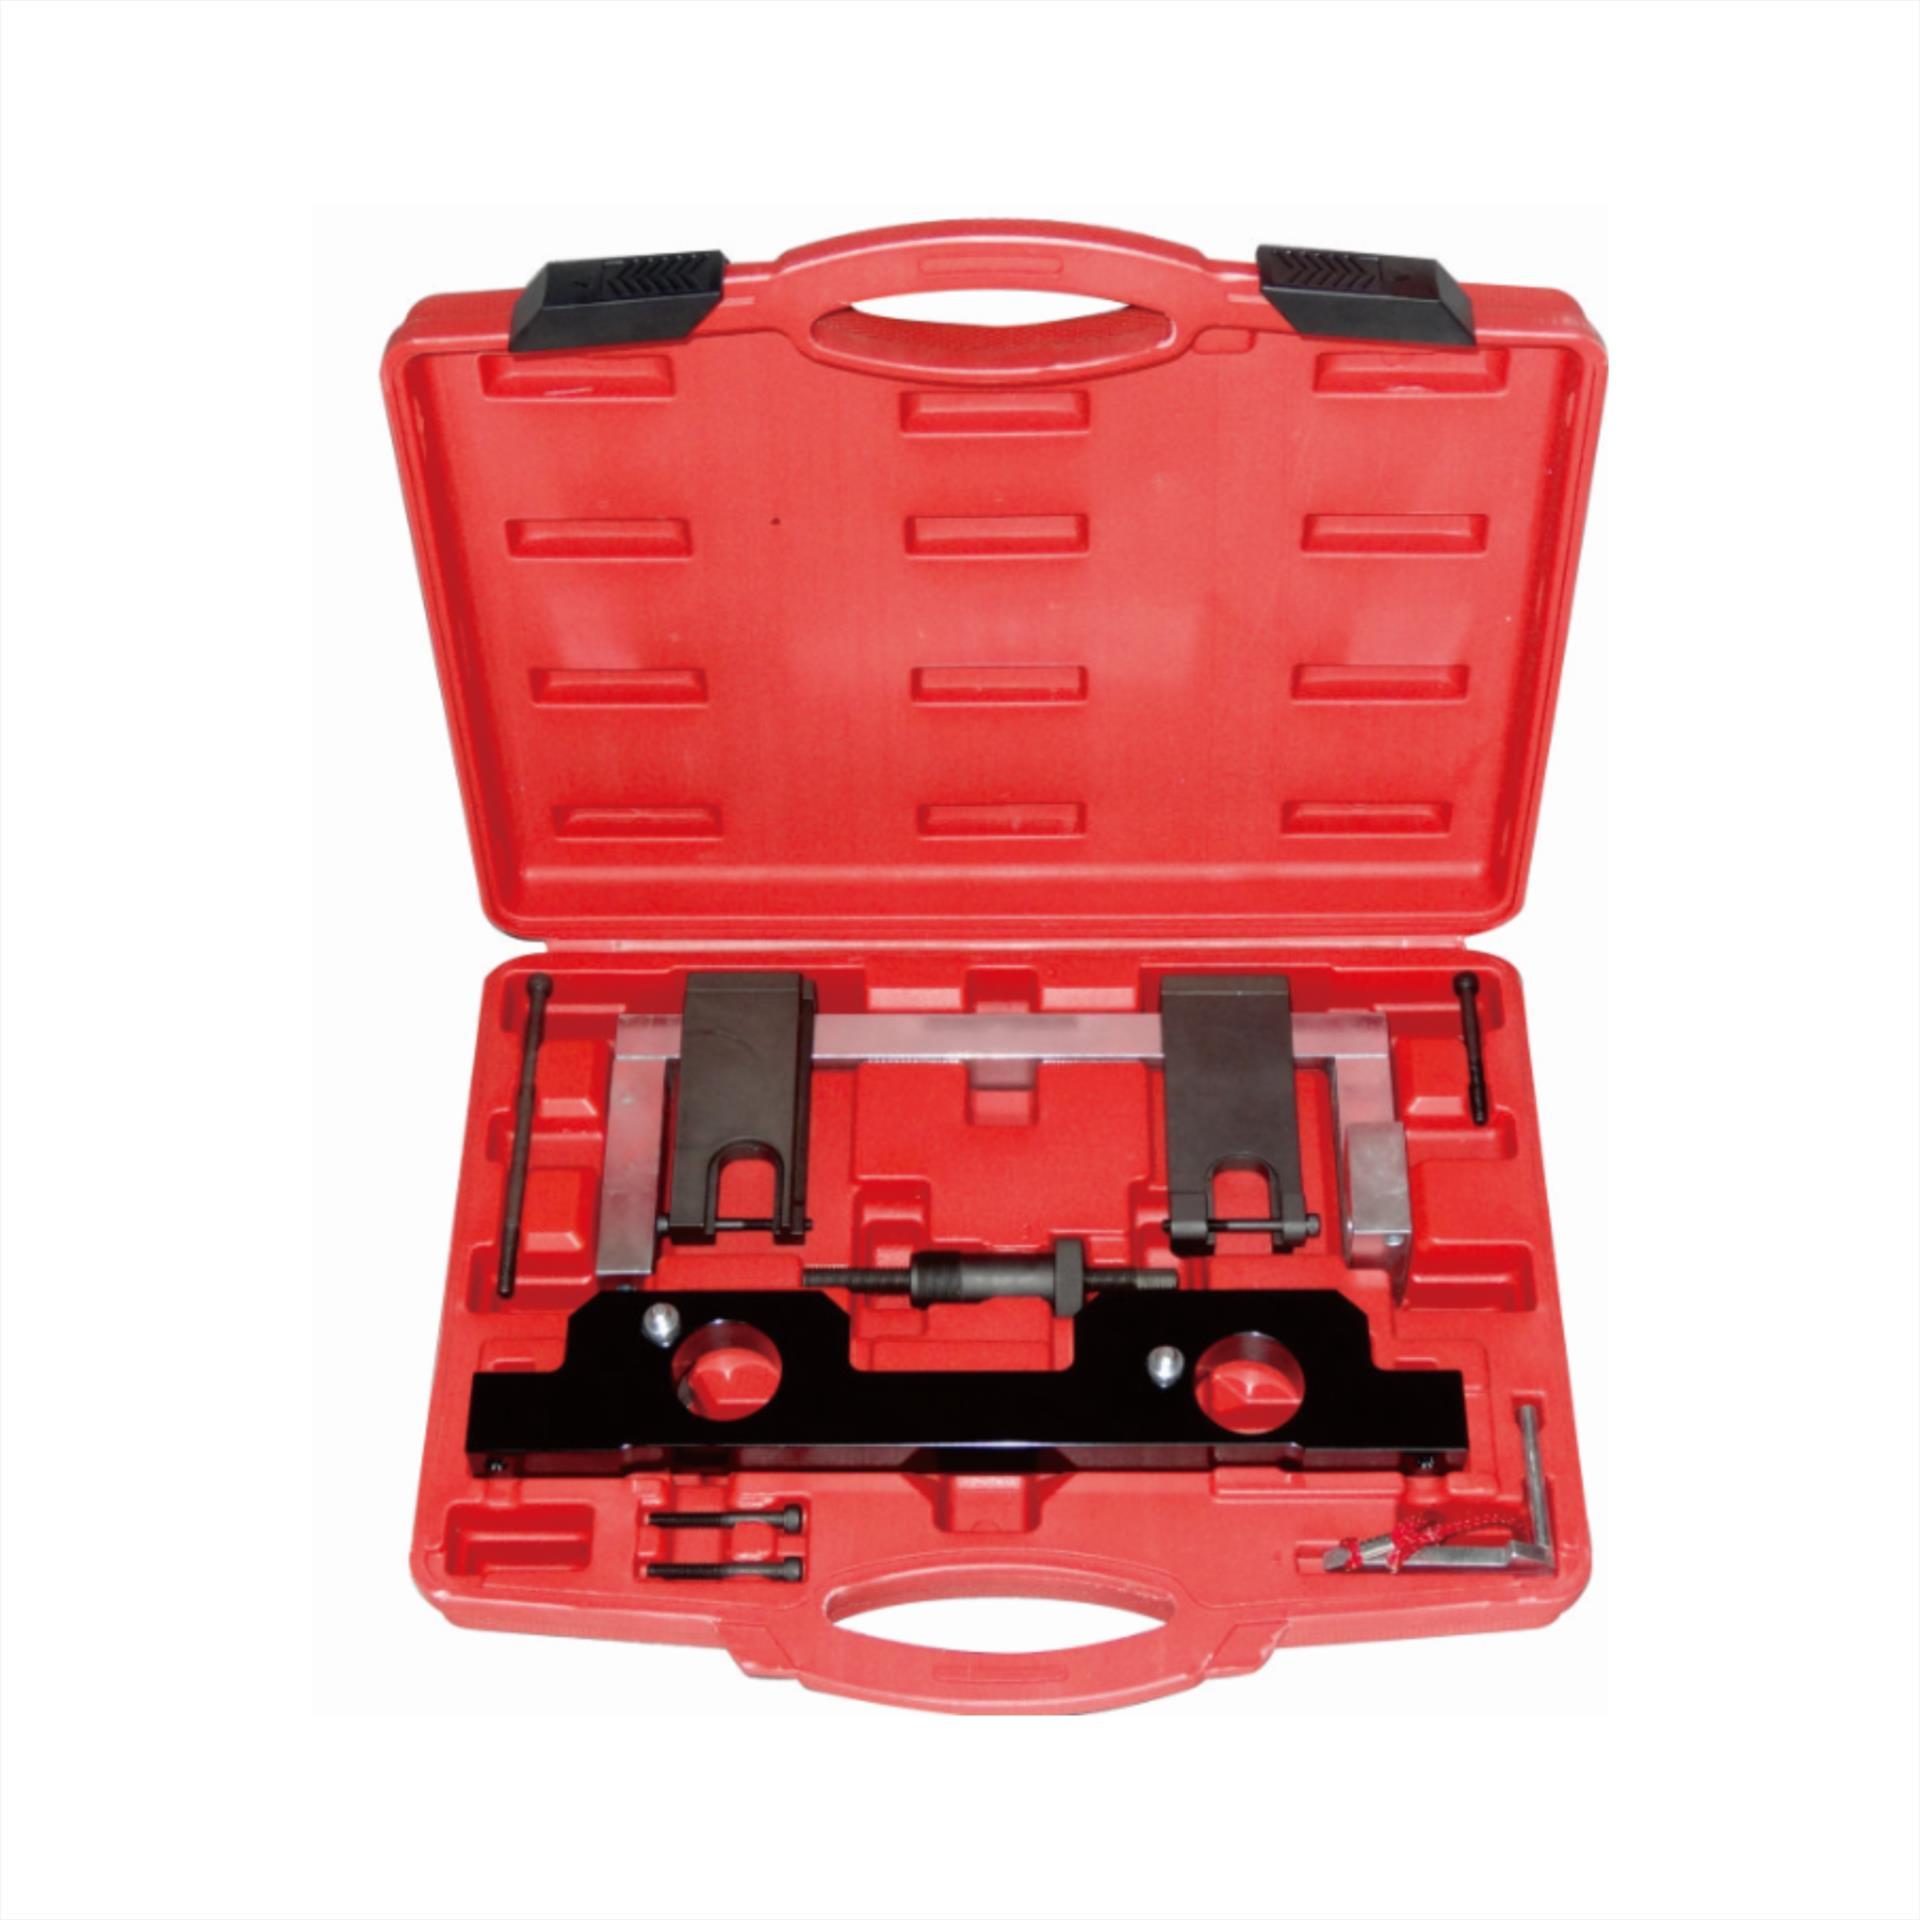 Engine Timing Adjustment Tool Kit For BMW N20 N26 Gas Engines Locking Tool engine timing tool kit for bmw n14 mini 1 4 1 6 n12 n14